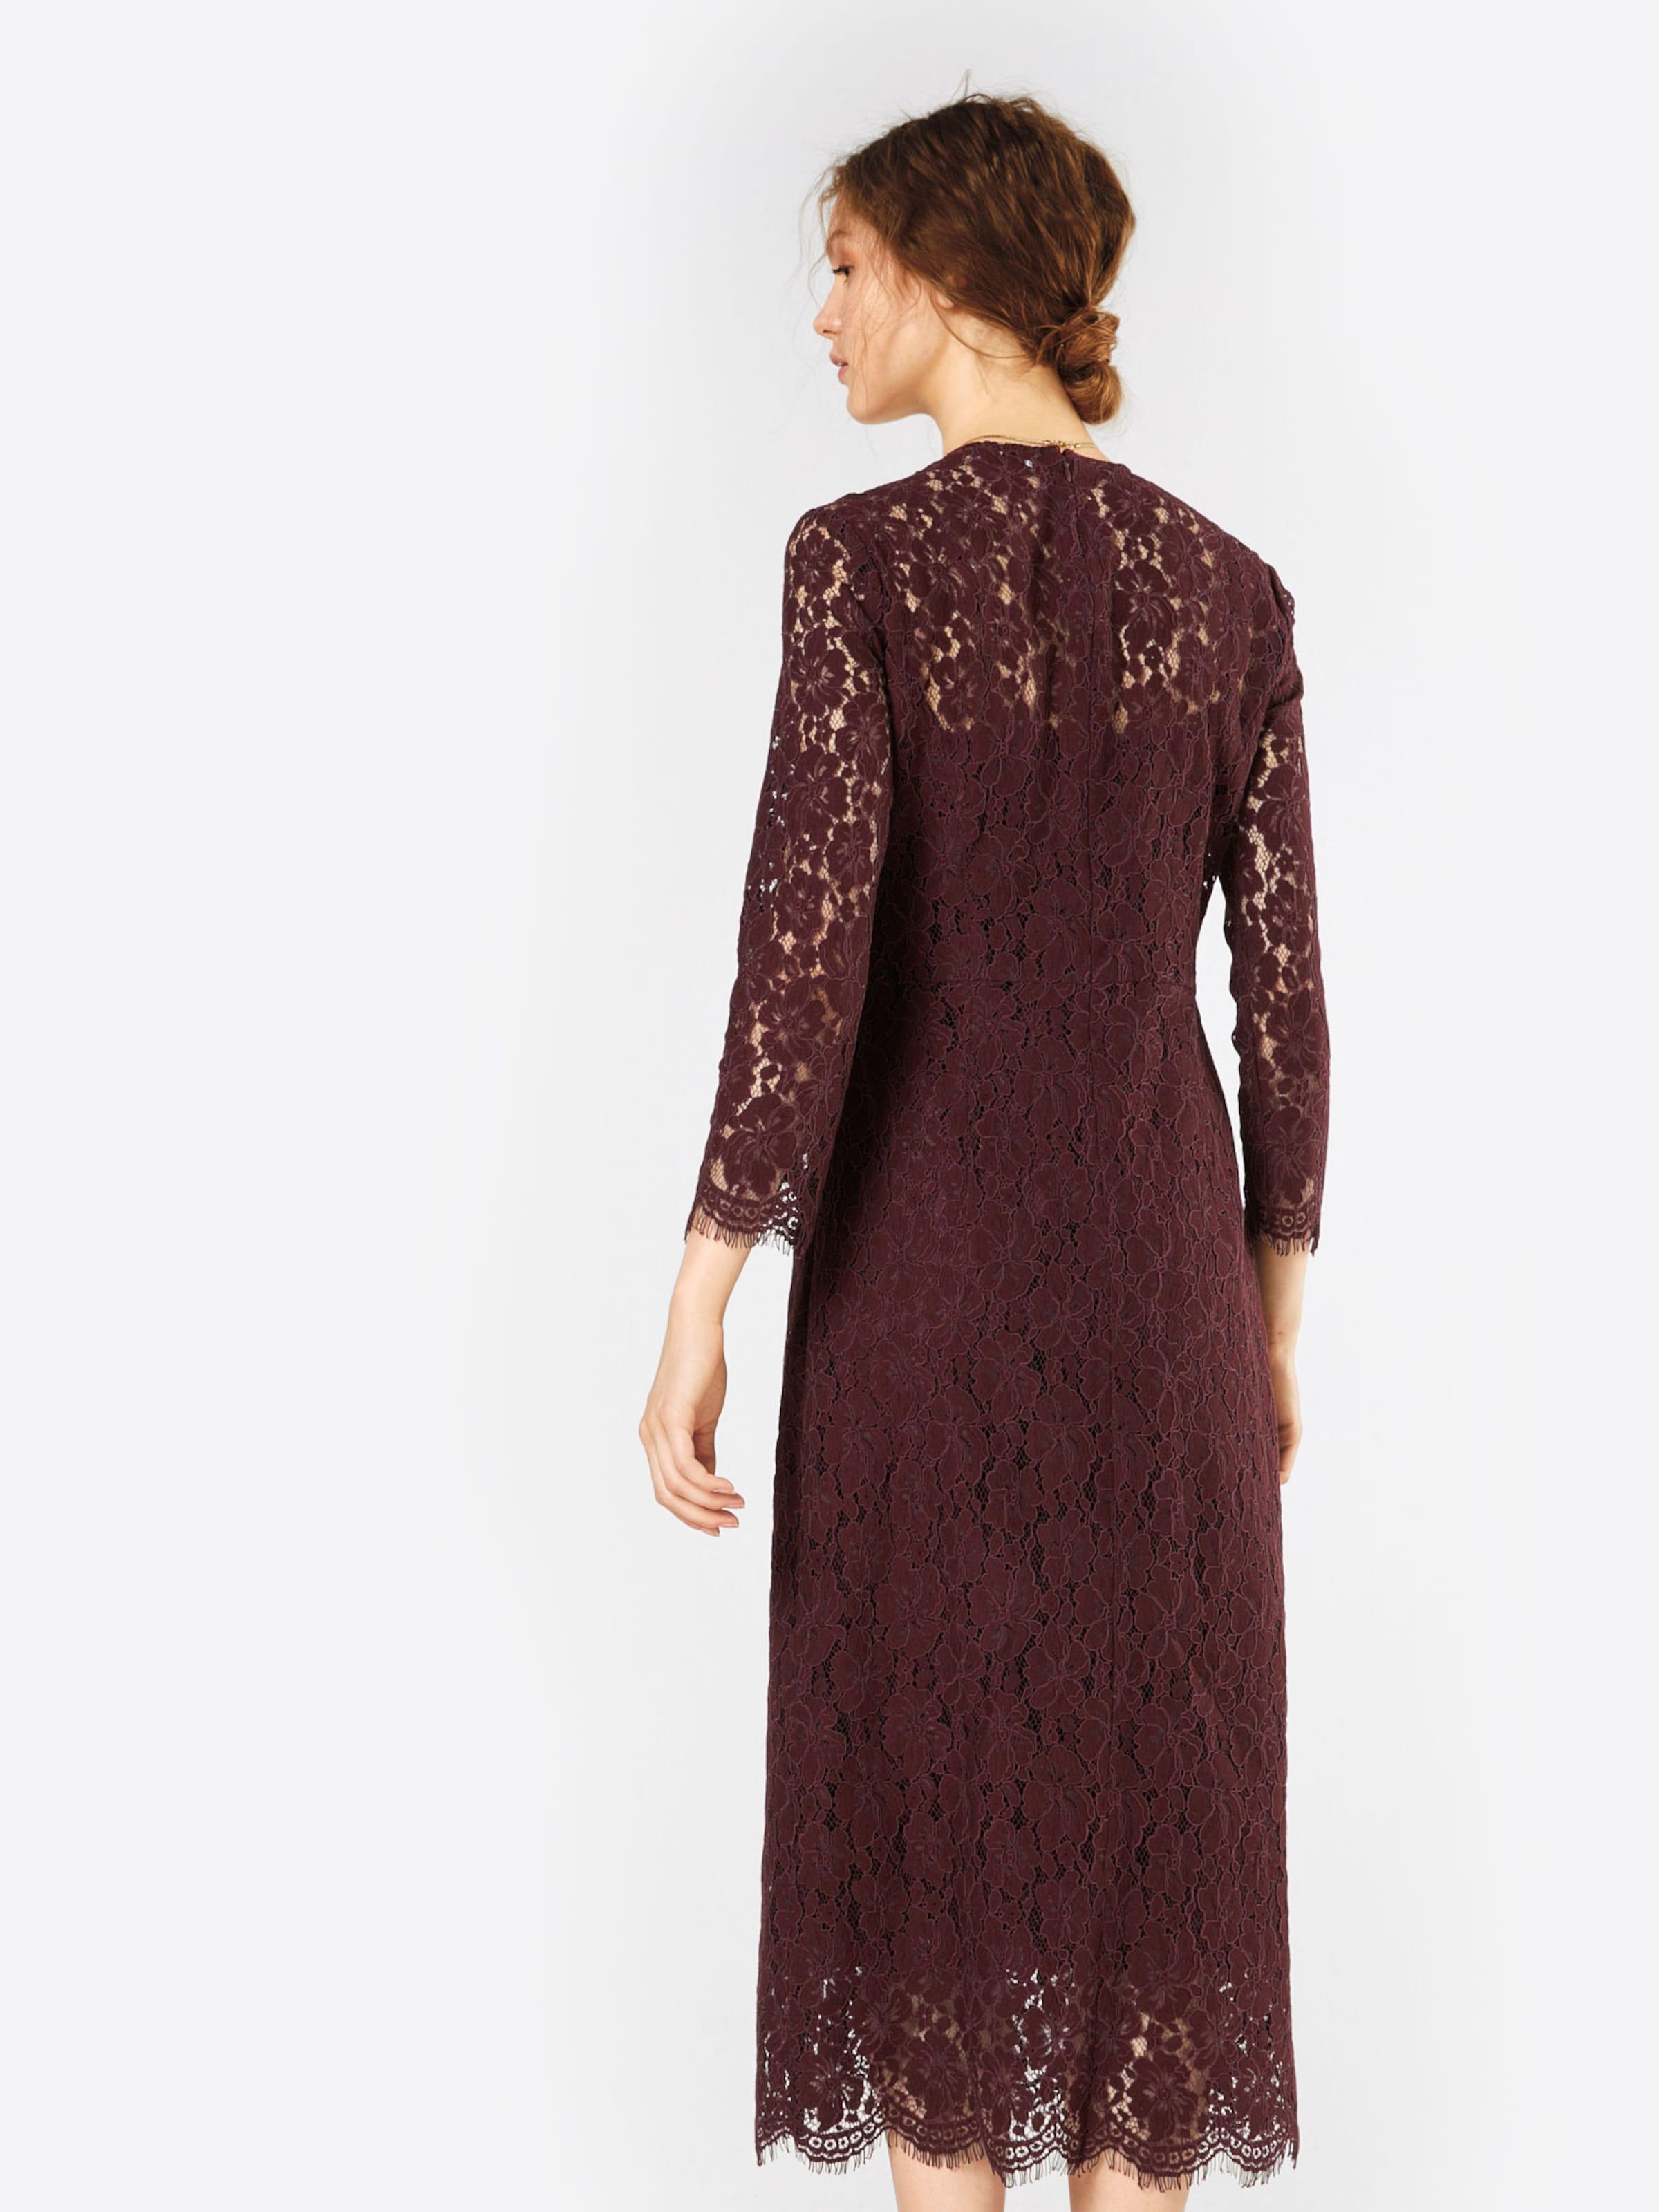 Auslass Großhandelspreis Outlet Top-Qualität IVY & OAK Kleid 'Lace Evening Dress' 43geu